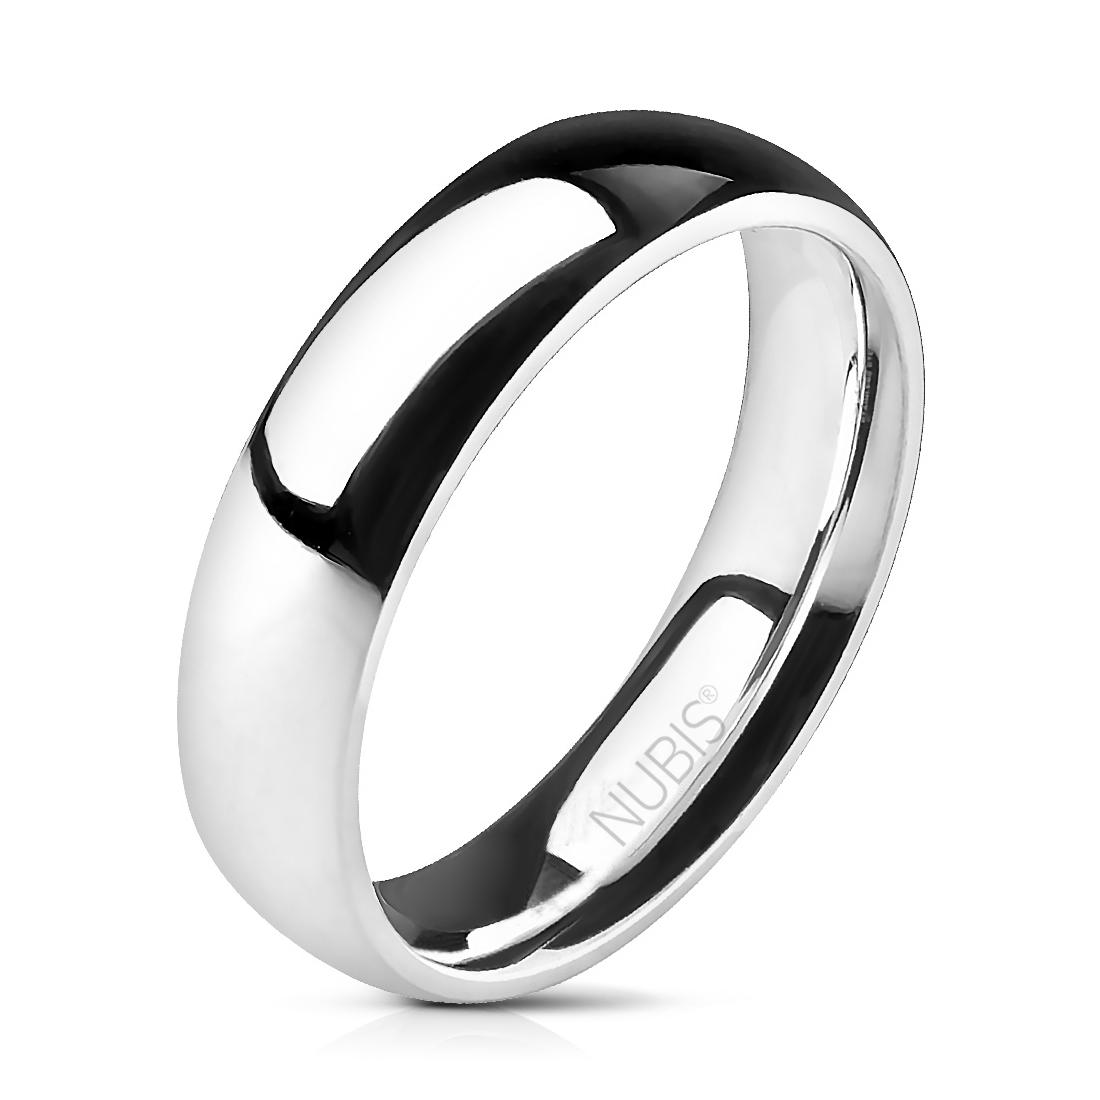 NSS1024 Dámský ocelový snubní prsten, 5 mm